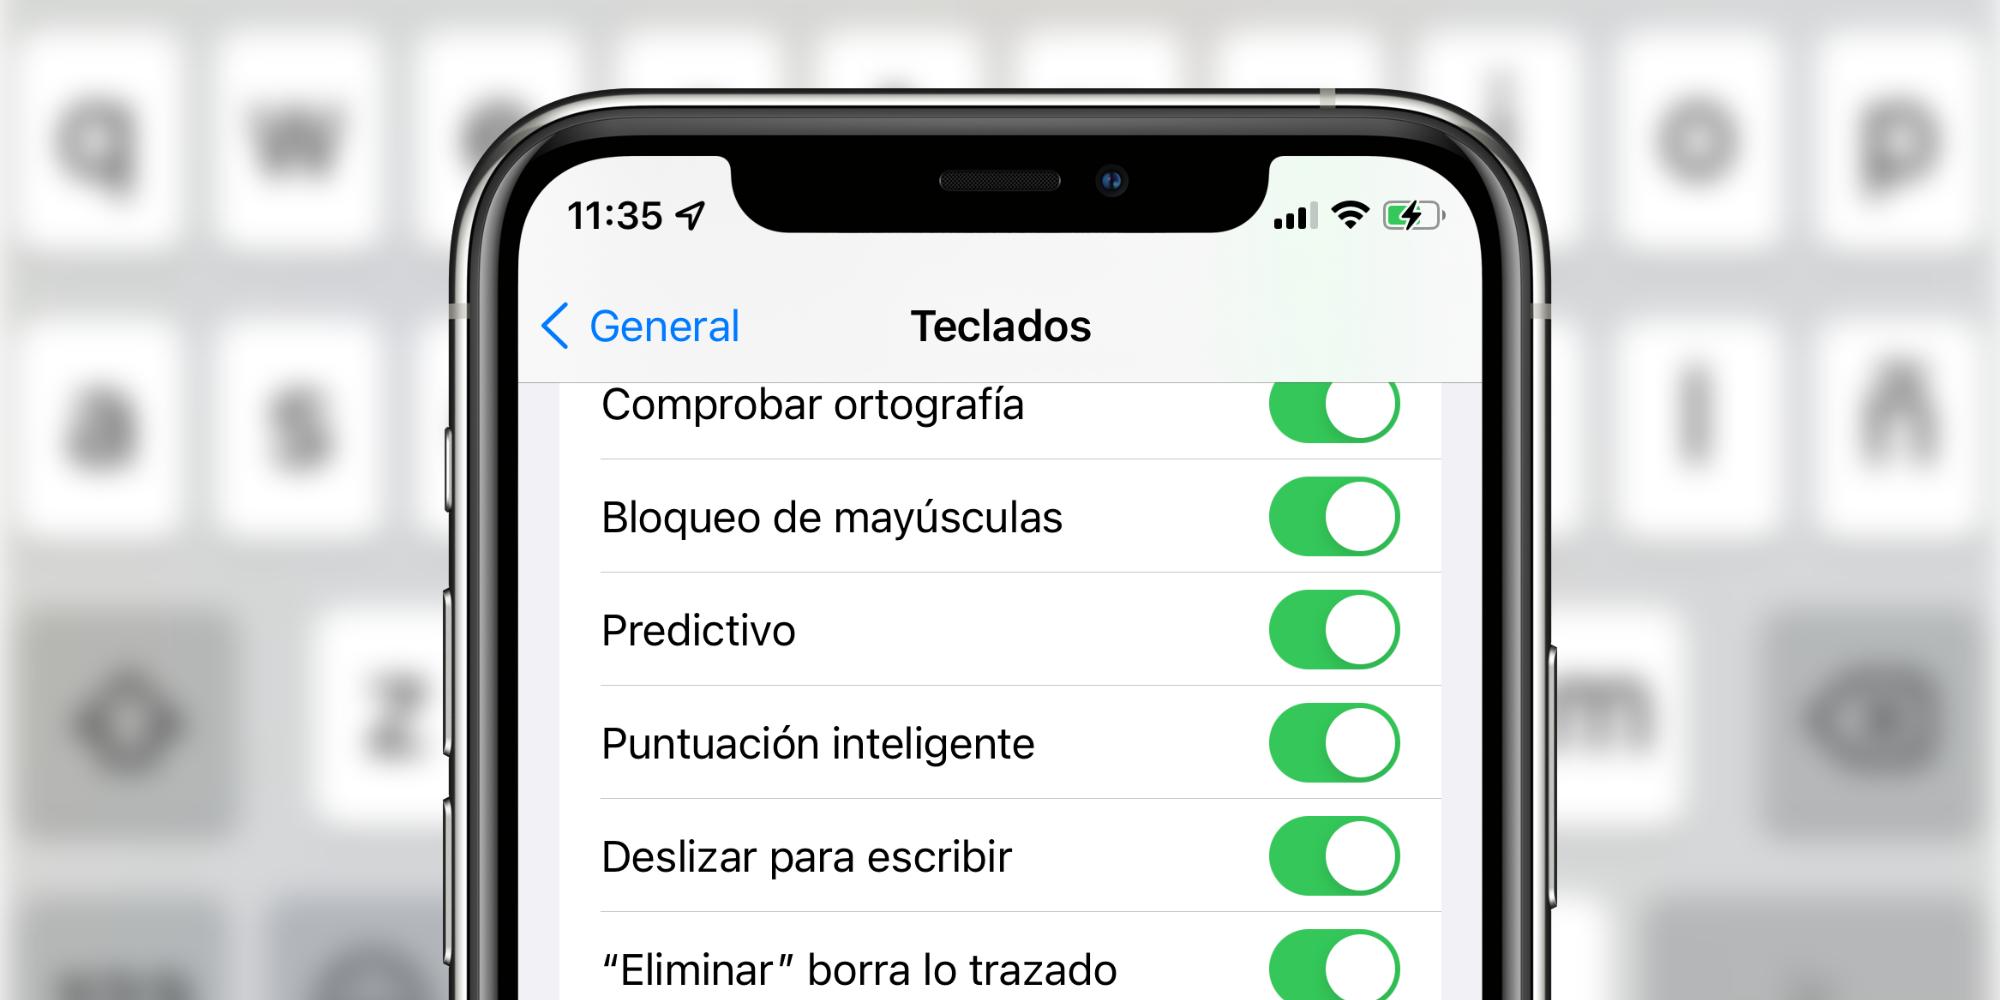 Qué es y cómo activar el teclado deslizante en nuestro iPhone o iPad